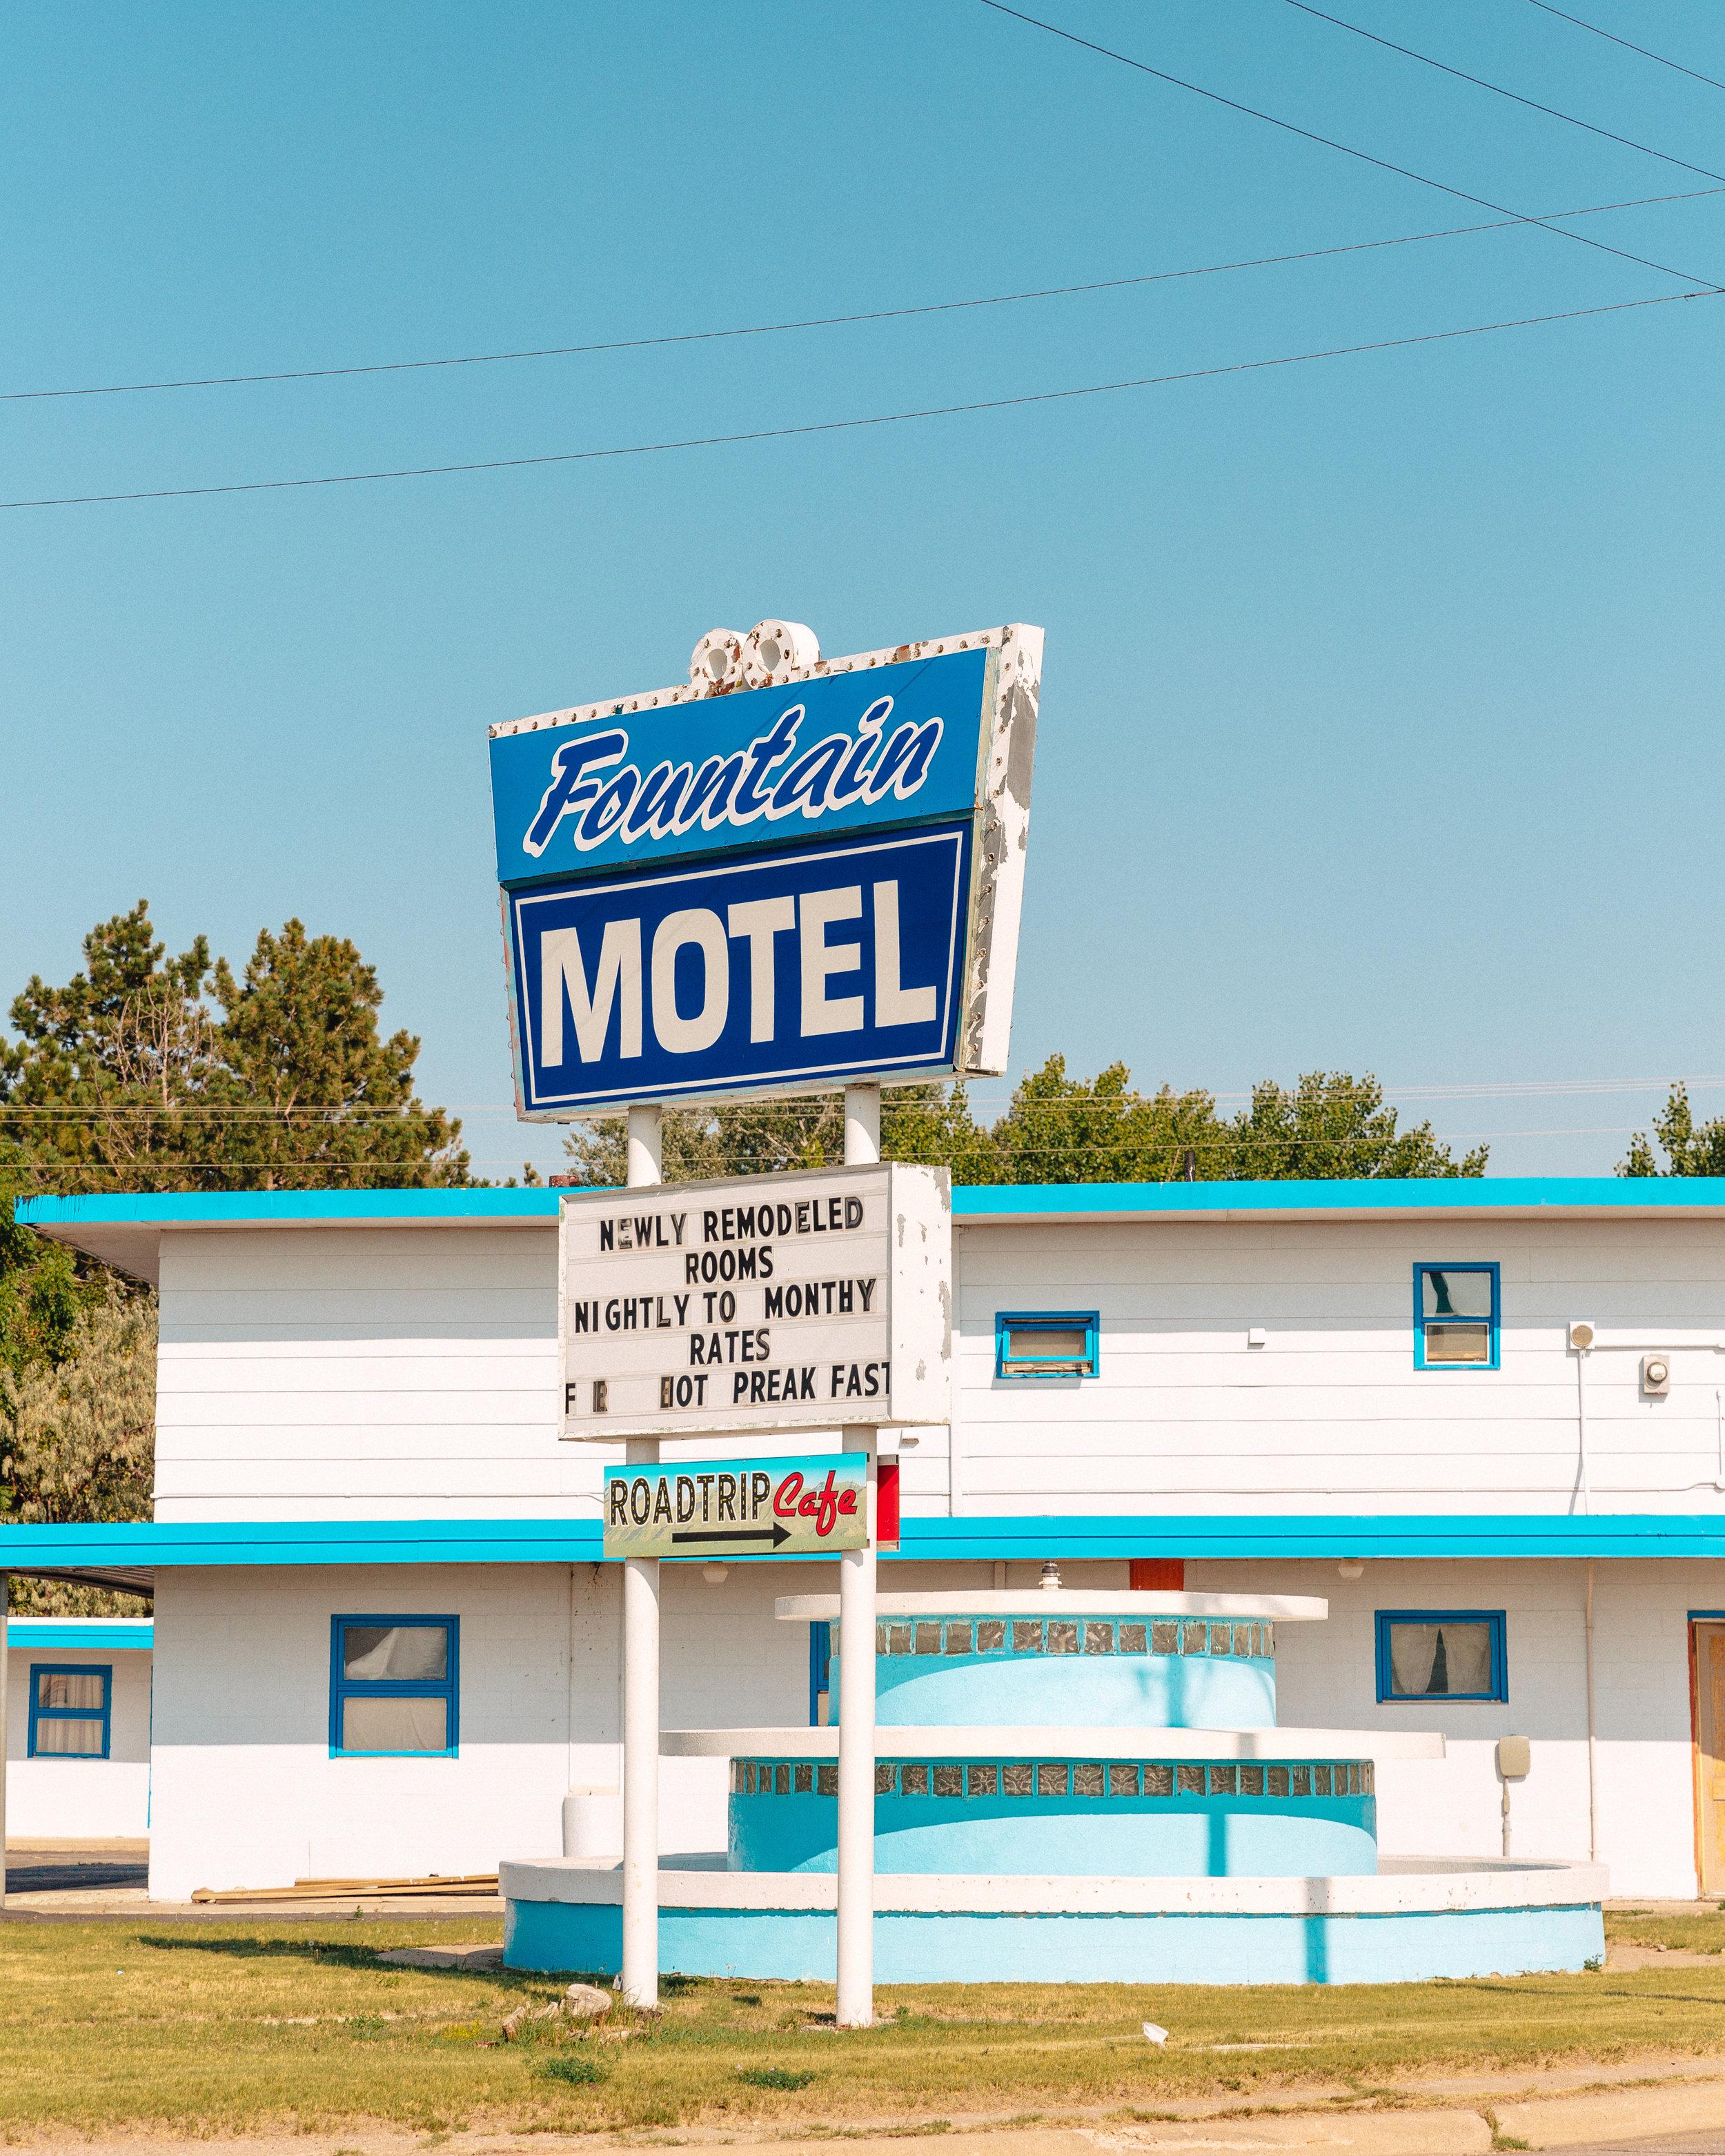 170824 USA roadtrip - south dakota - 2948.jpg